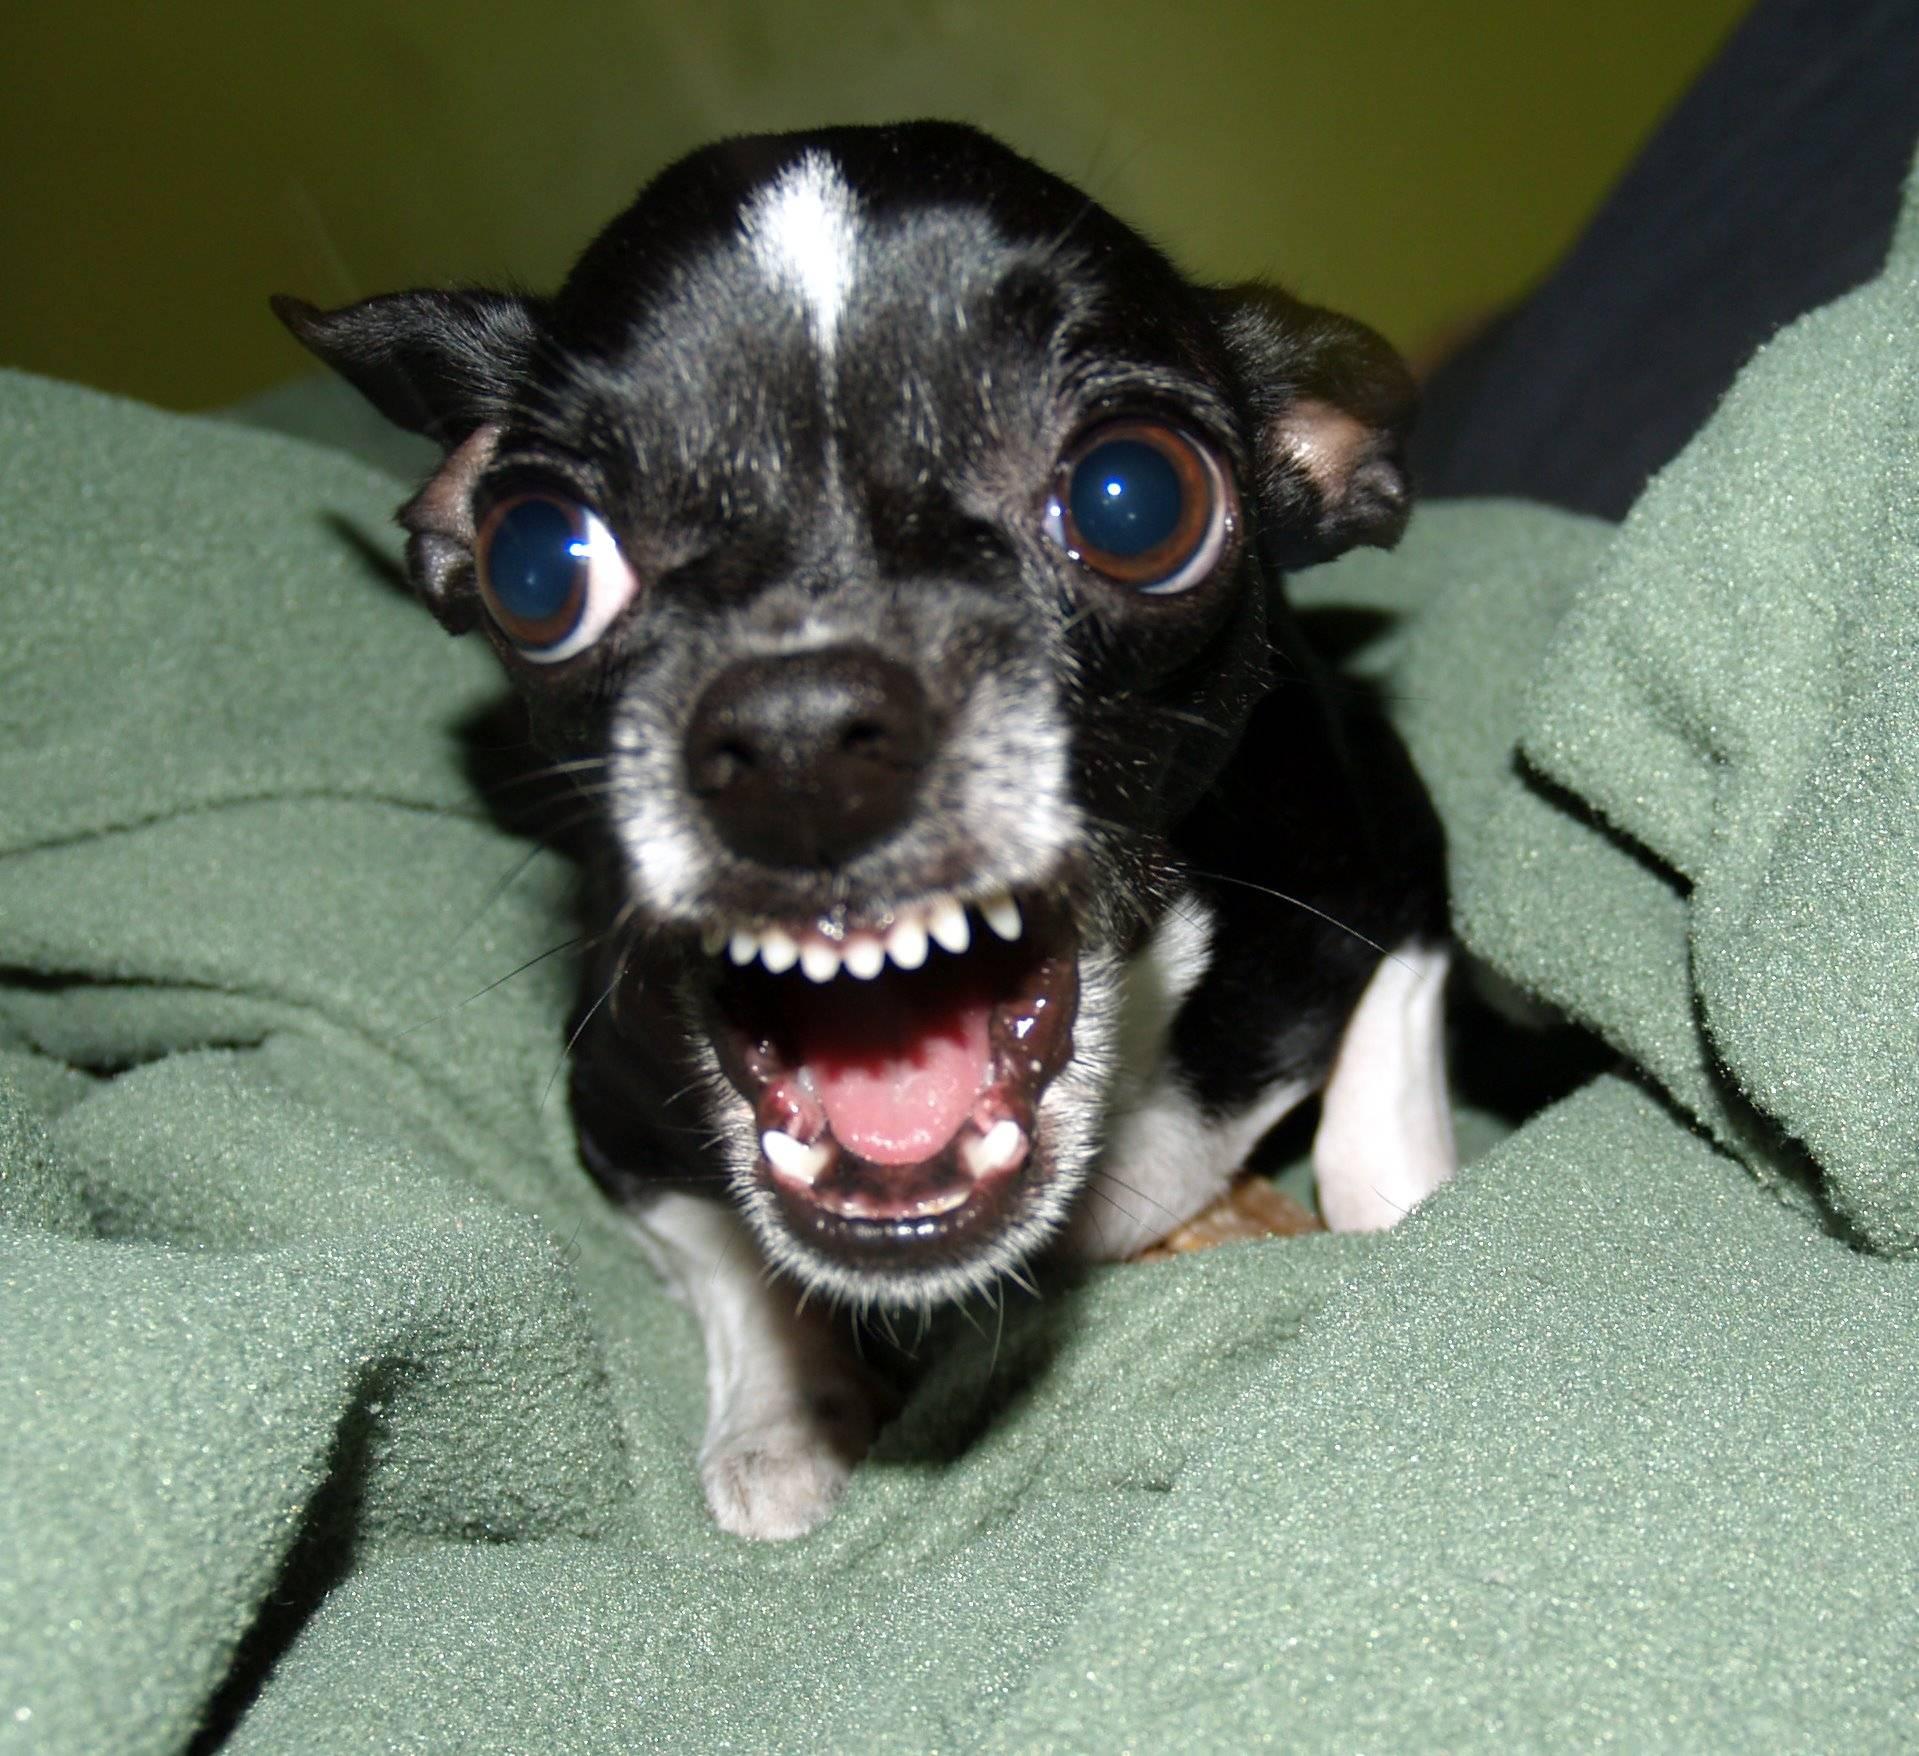 Юбилей школы, смешная картинка злая собака